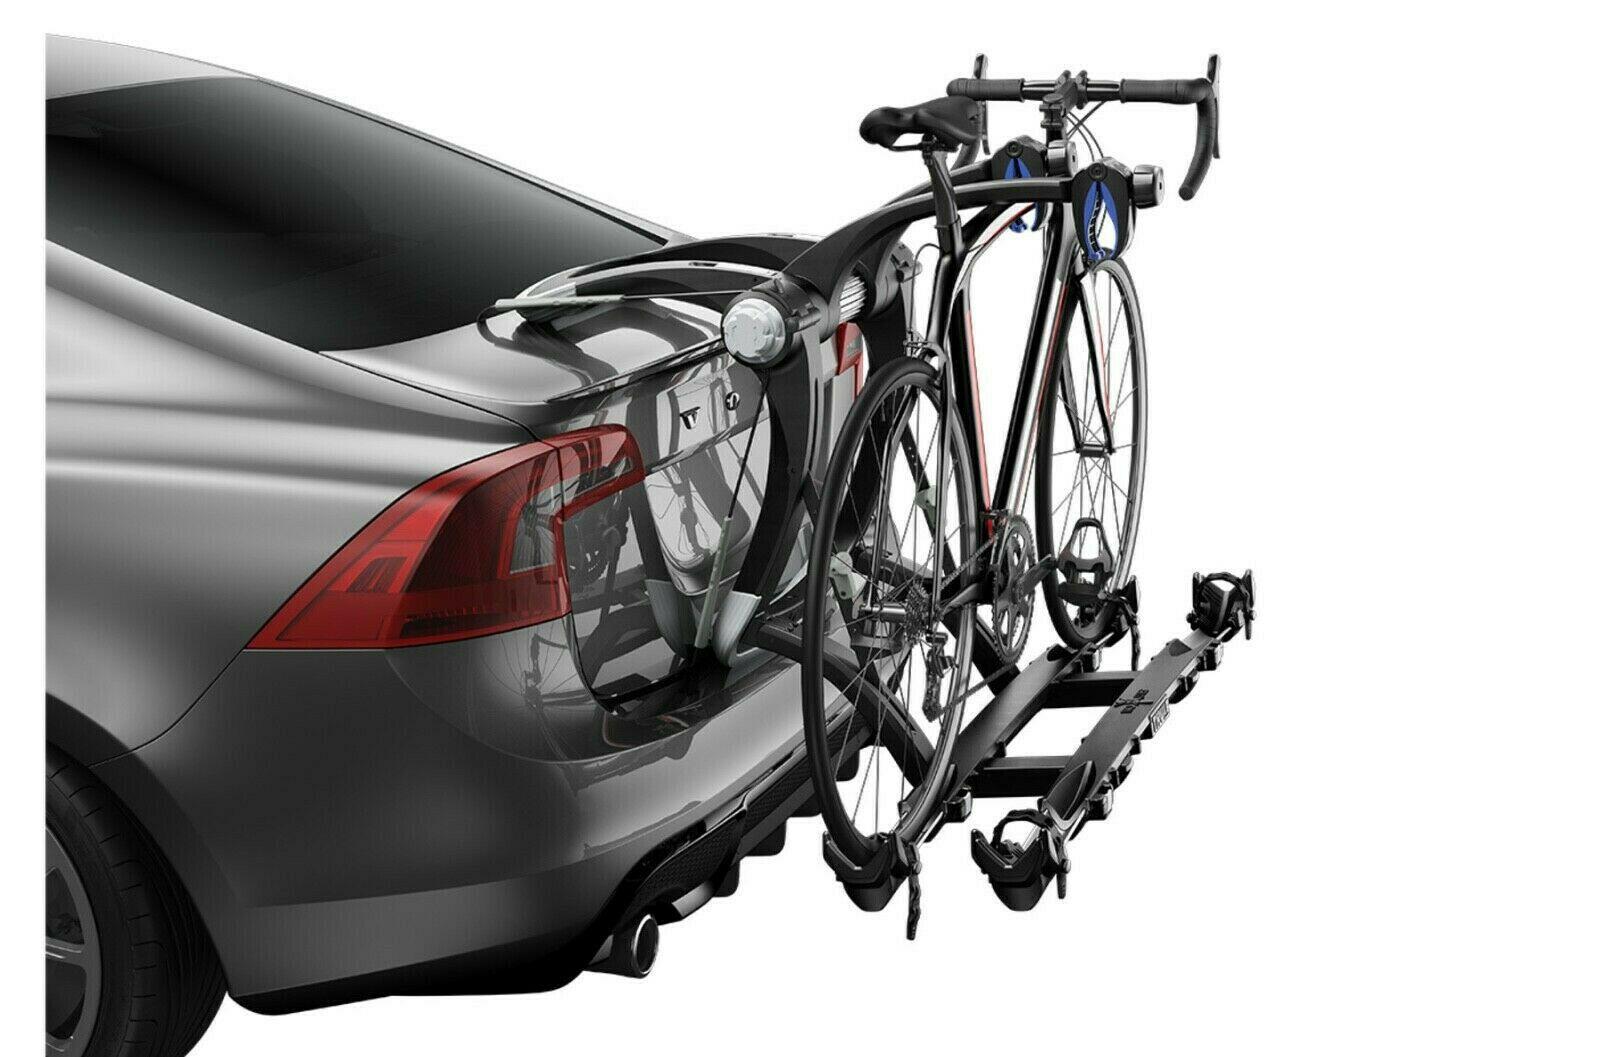 Рейтинг лучших креплений для перевозки велосипедов на автомобиль на 2021 год